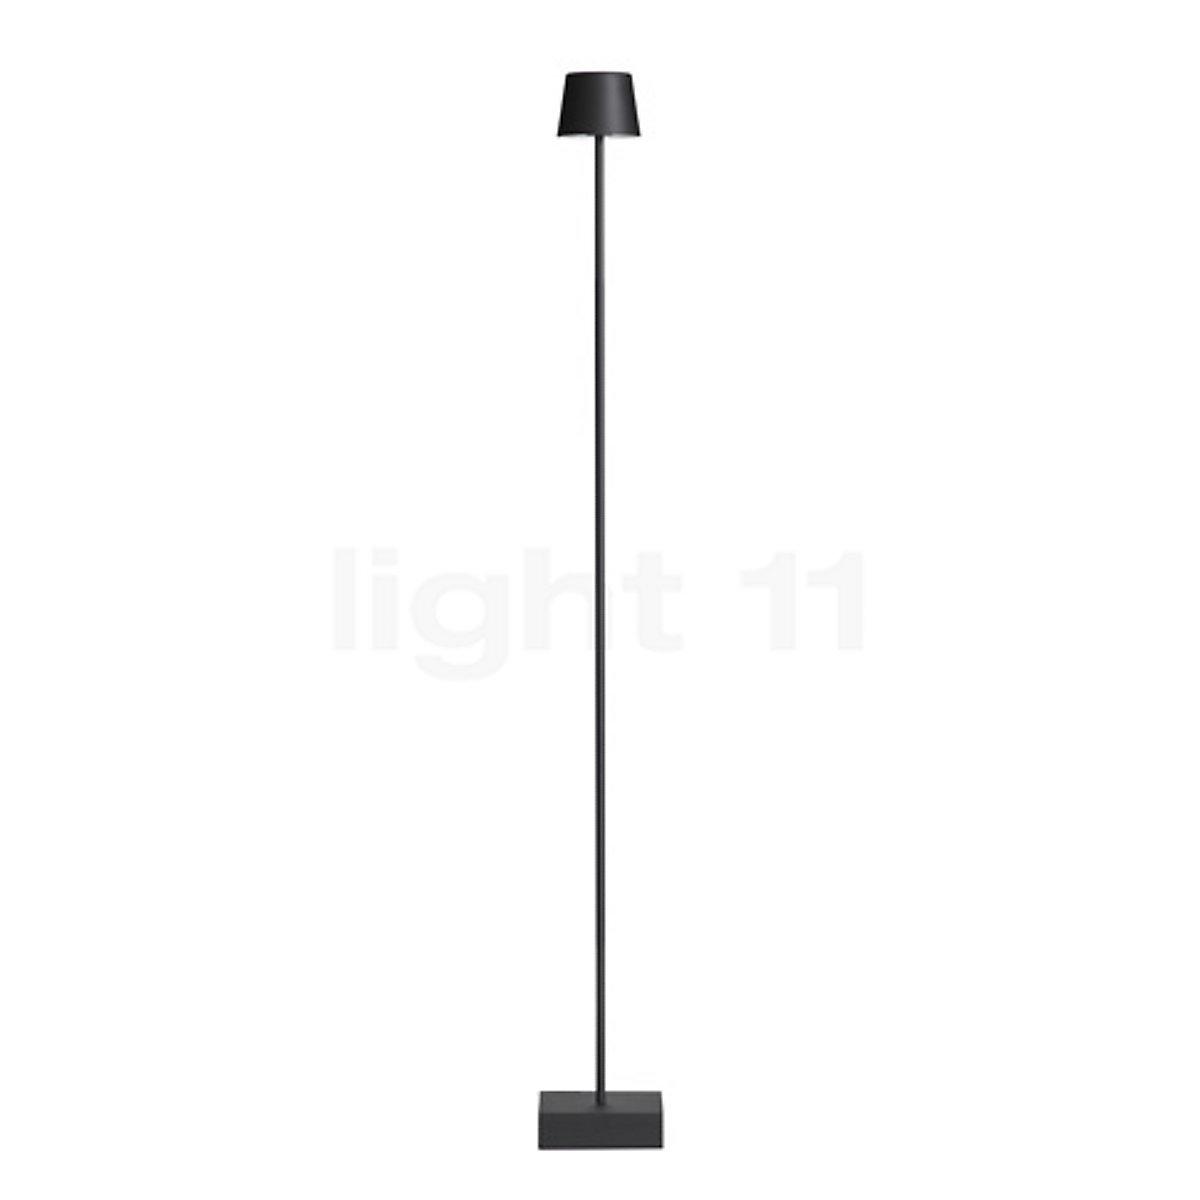 Kleine Zwarte Staande Lamp.Anta Cut Vloerlamp Met Toetsdimmer Kopen Bij Light11 Nl